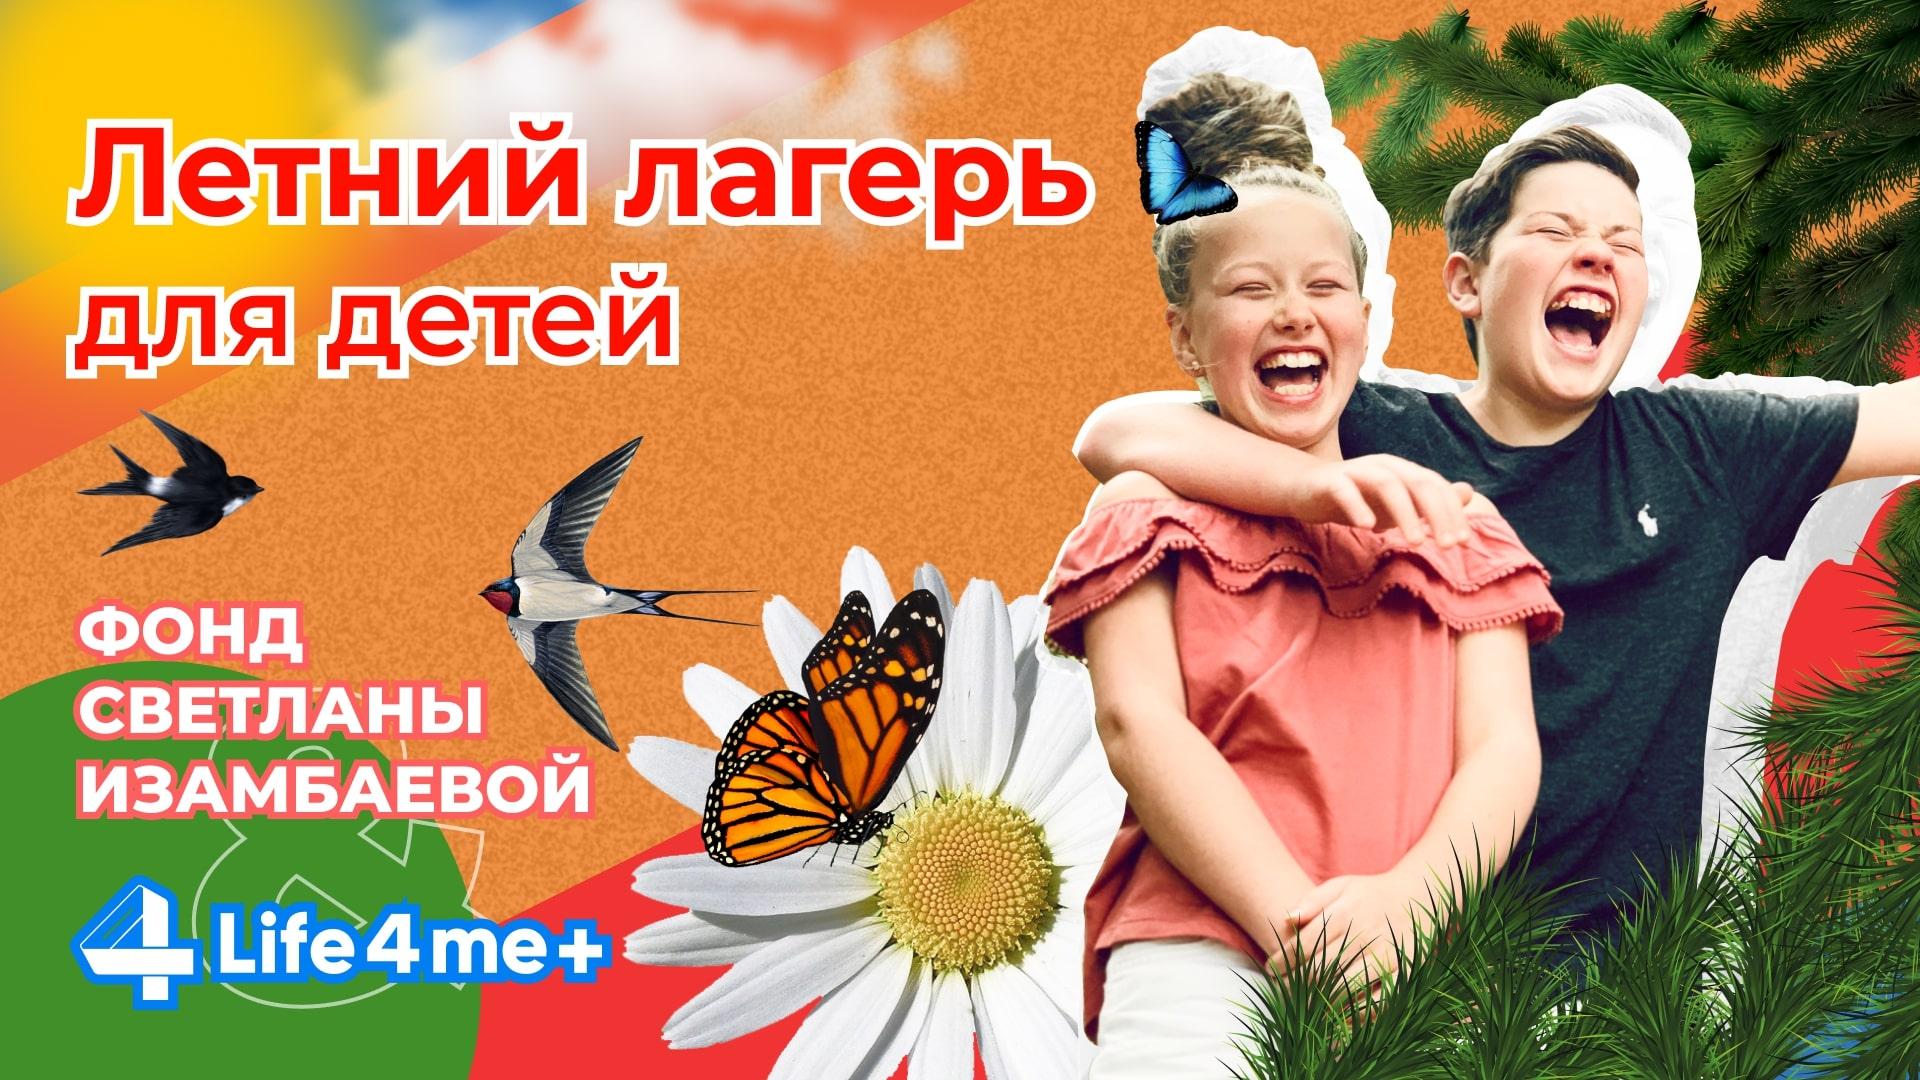 «Все просто! + НравноН»: Life4me+ поддержит лагерь для детей, живущих с ВИЧ - изображение 1